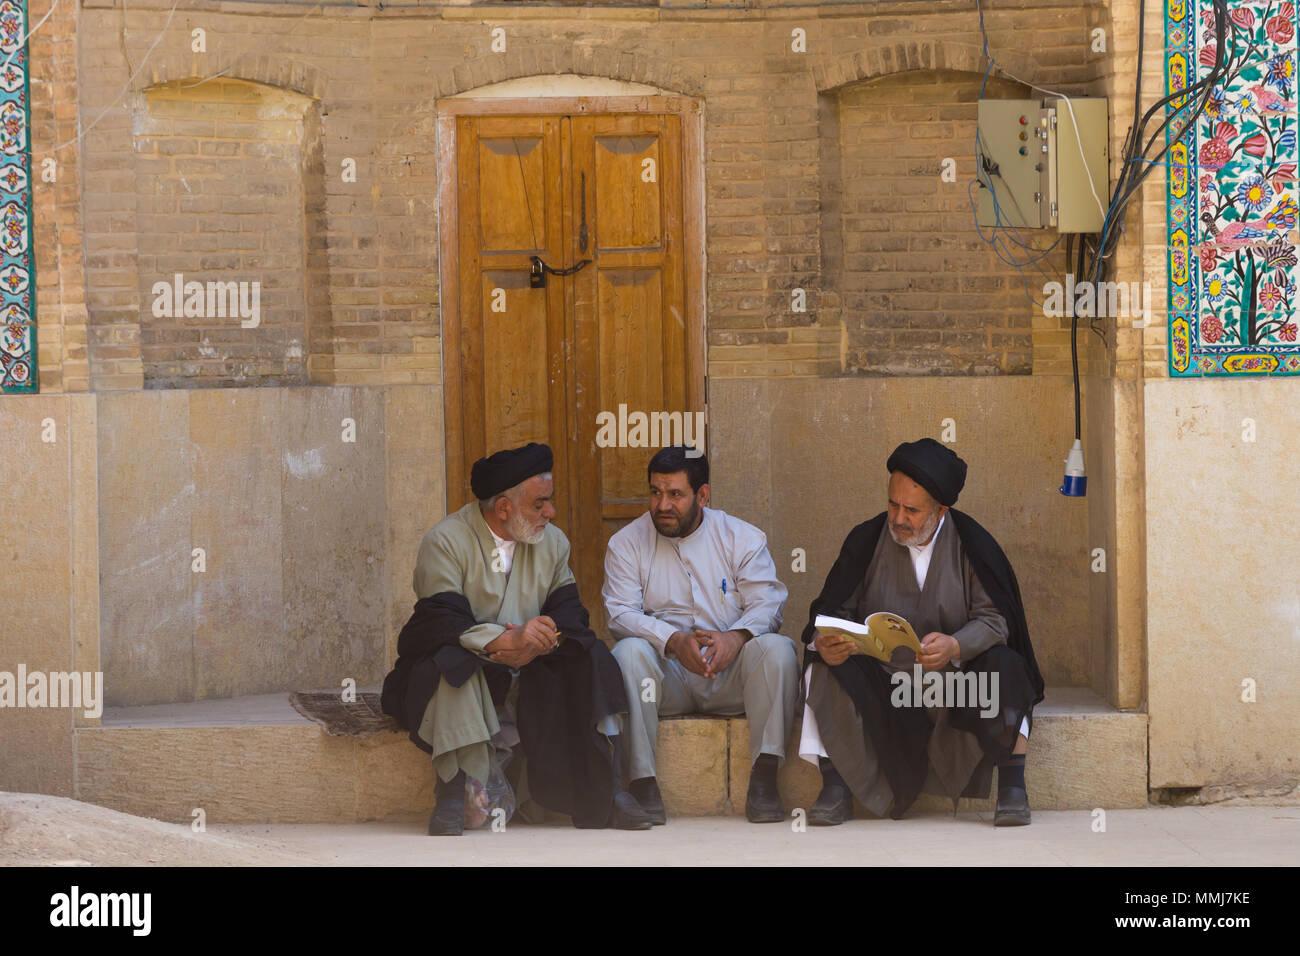 SHIRAZ, IRAN - APRIL 26, 2015: religious unidentified men in Shiraz, Iran - Stock Image